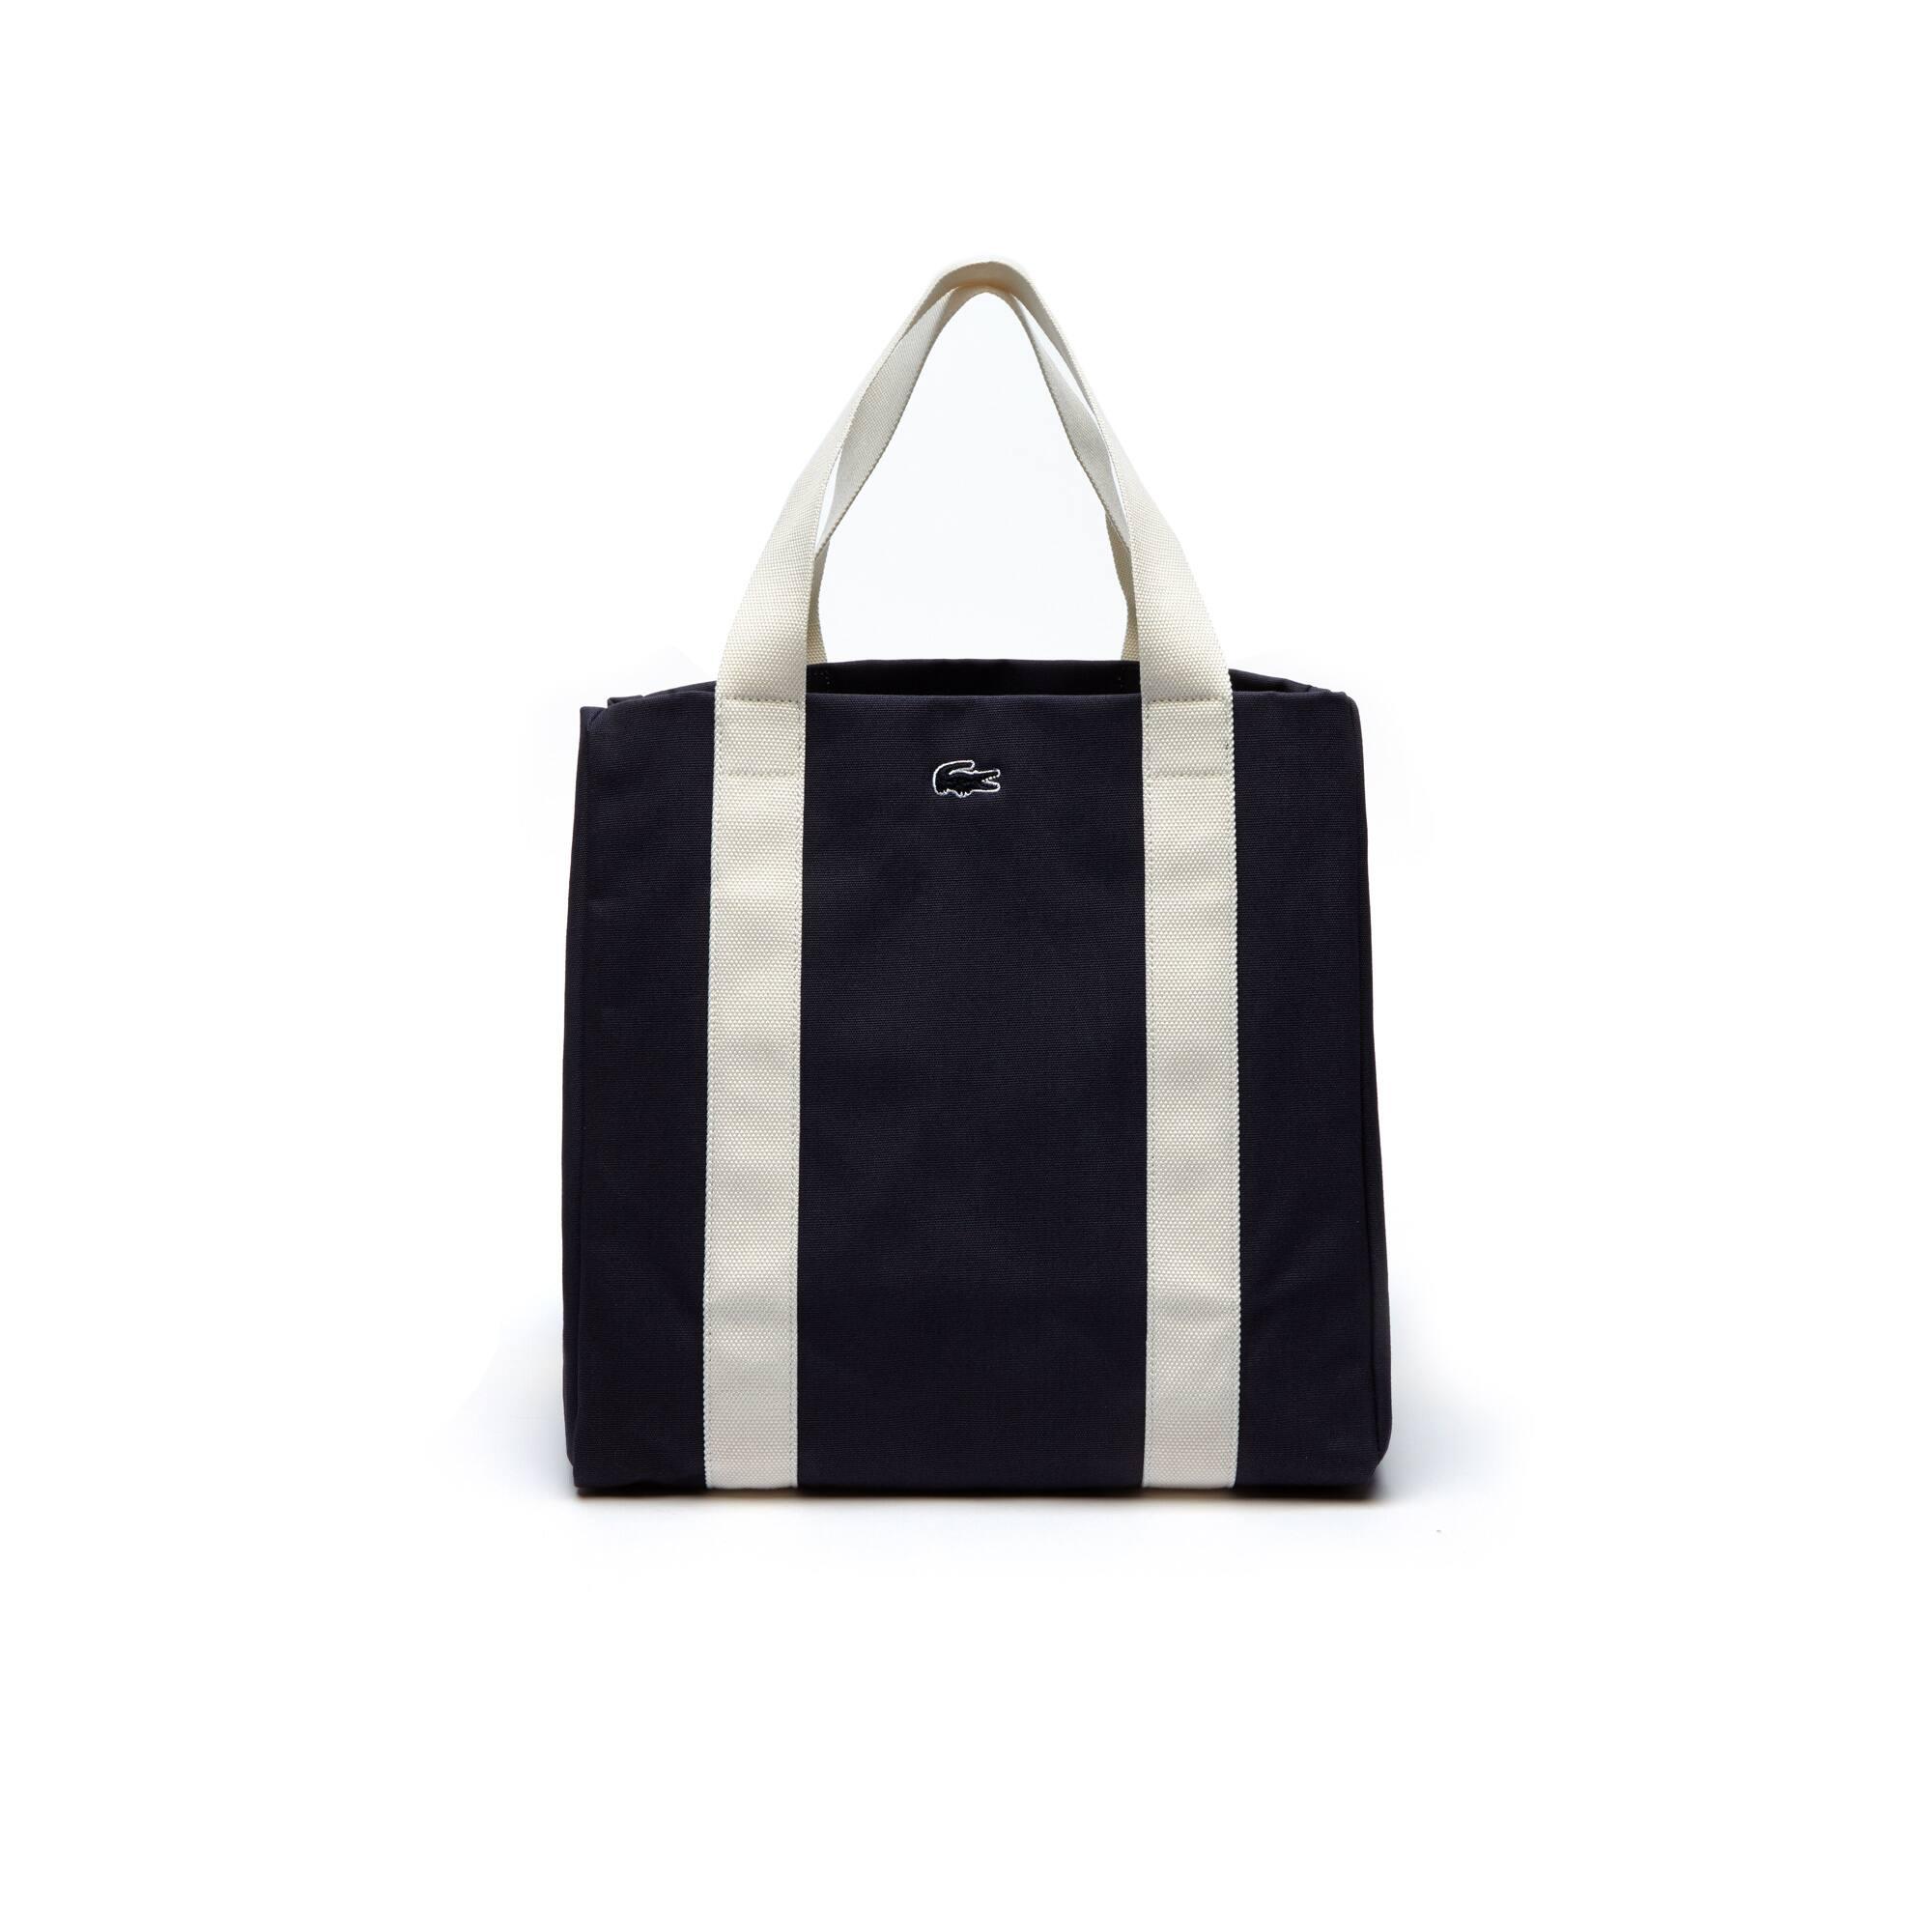 Women's Summer Colorblock Cotton Large Expandable Tote Bag